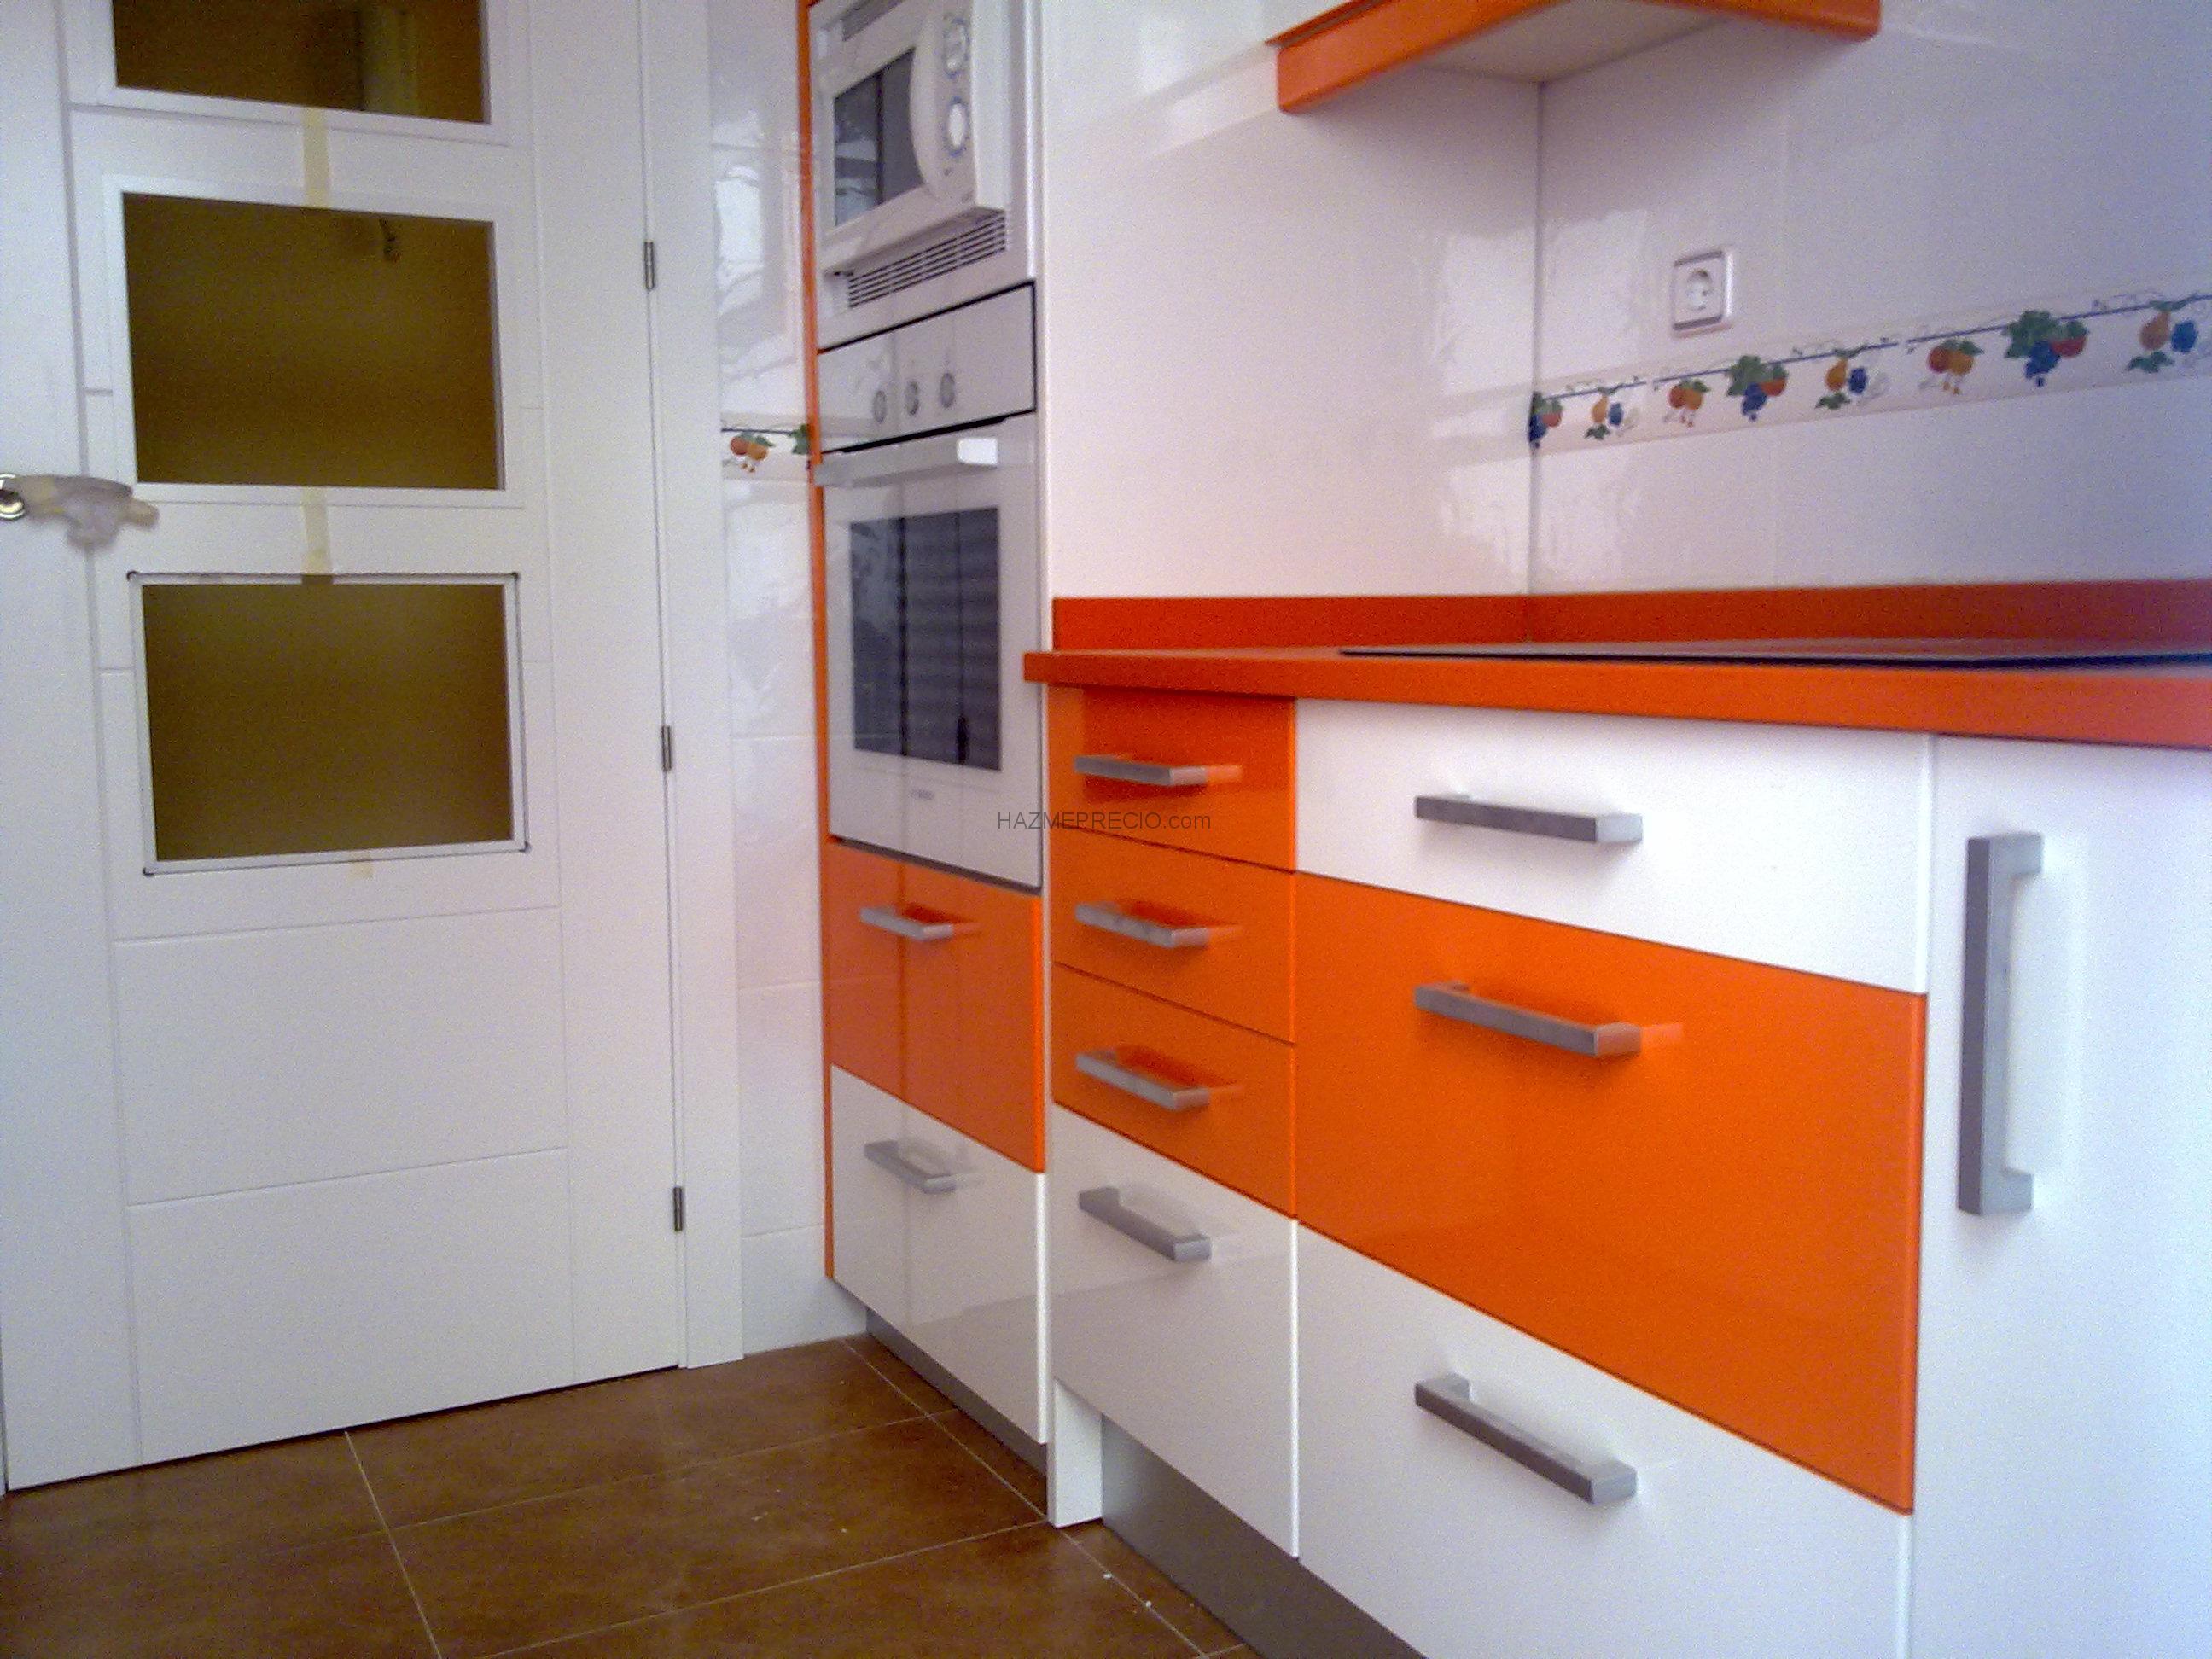 Muebles de cocina eurolar 28018 madrid madrid for Cocina 18 metros cuadrados